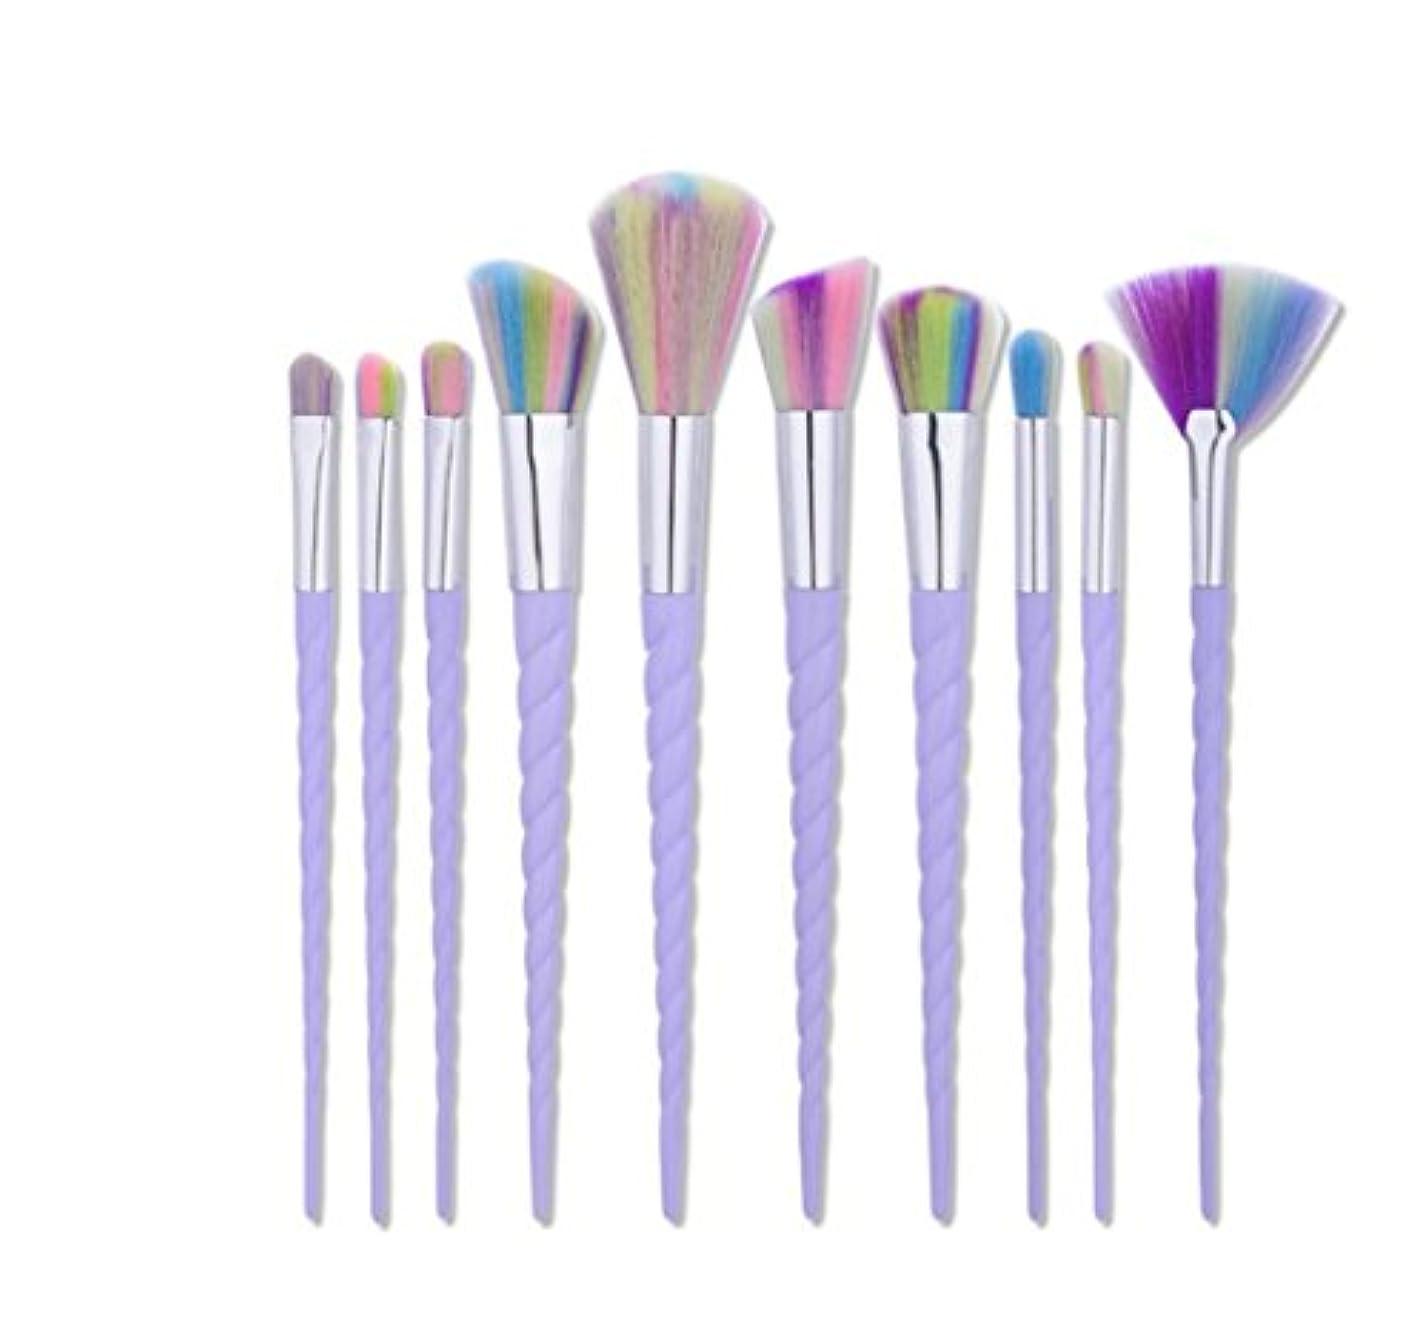 確認スキニー期待してDilla Beauty 10本セットユニコーンデザインプラスチックハンドル形状メイクブラシセット合成毛ファンデーションブラシアイシャドーブラッシャー美容ツール (ホワイト-4)